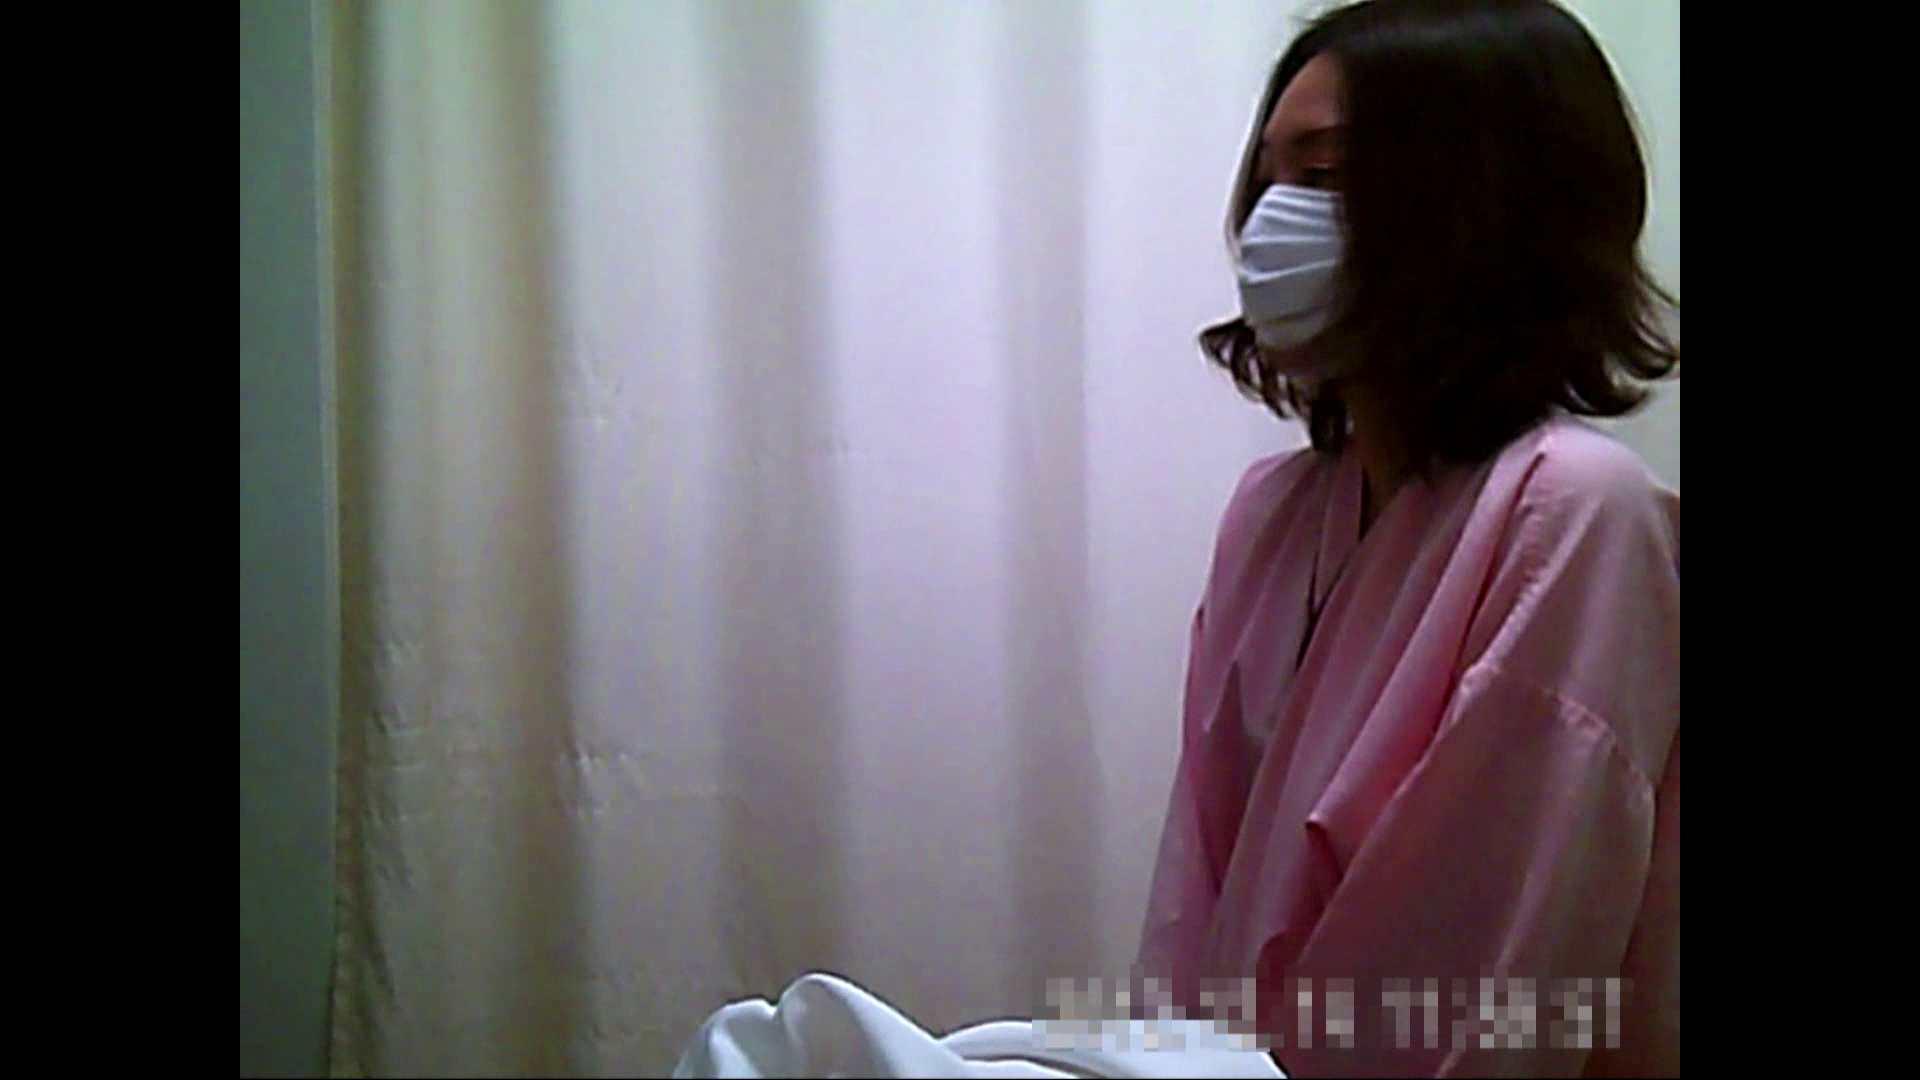 無料アダルト動画:元医者による反抗 更衣室地獄絵巻 vol.118:怪盗ジョーカー